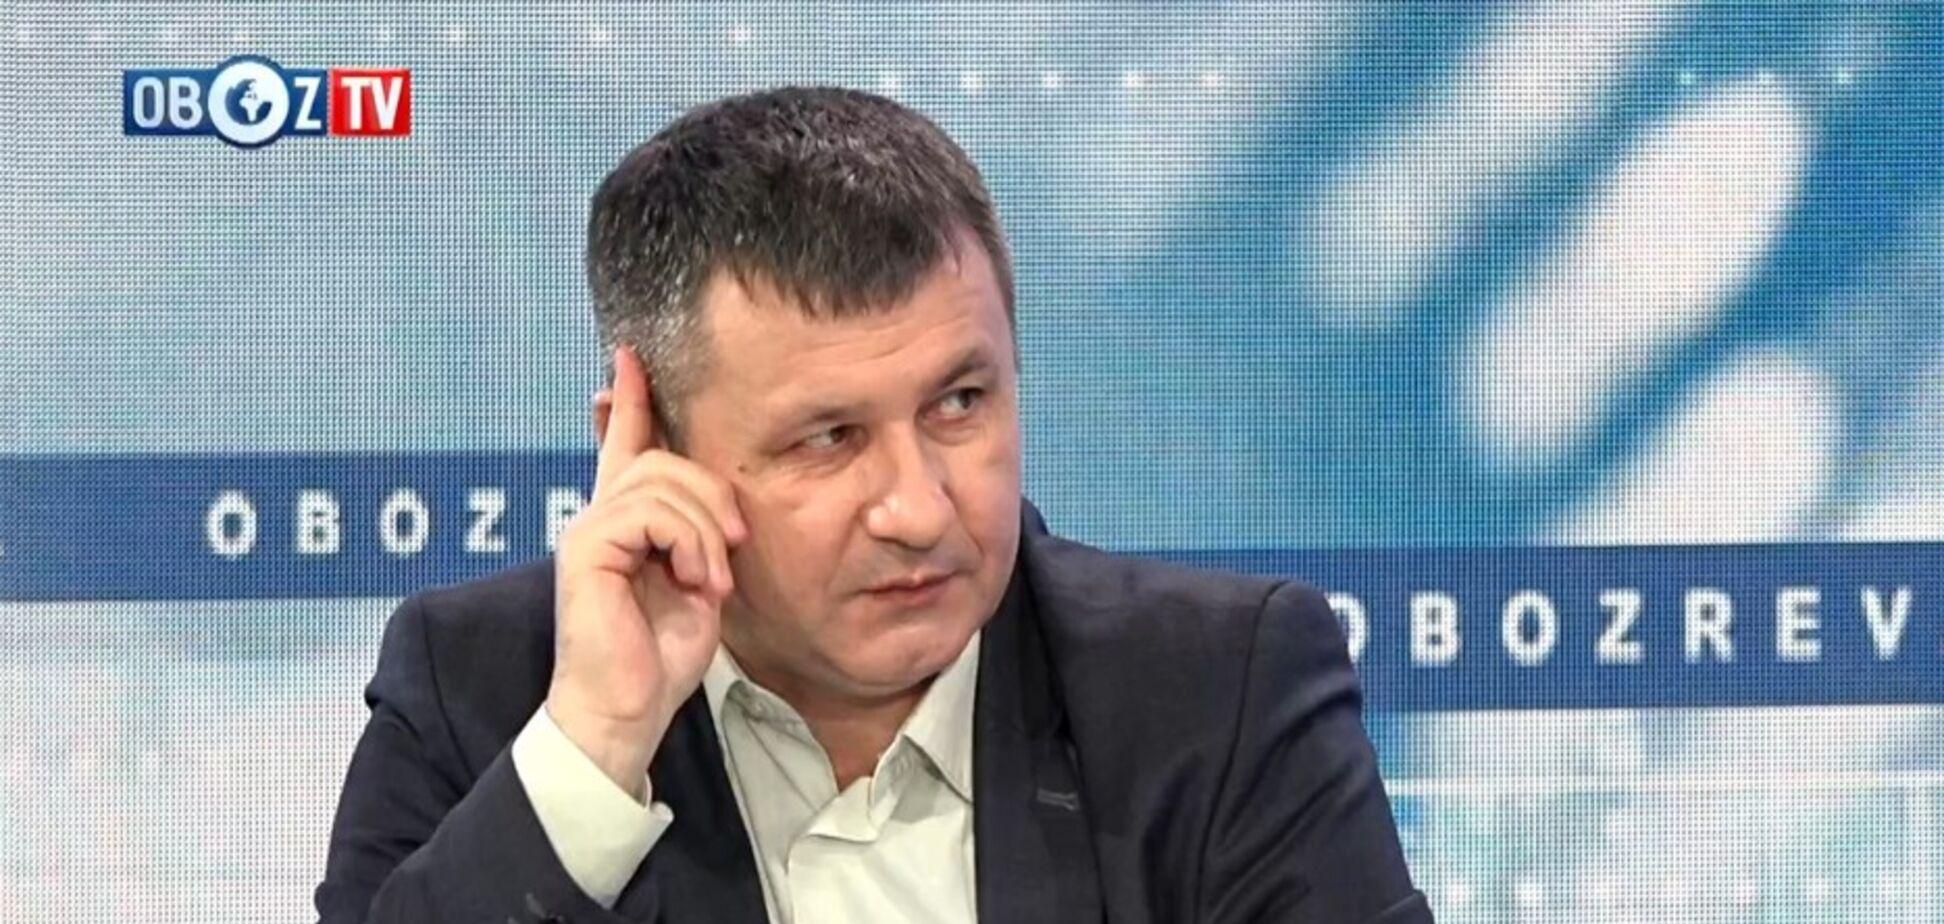 Зеленський може зустрітися із Путіним: експерт дав прогноз результатів